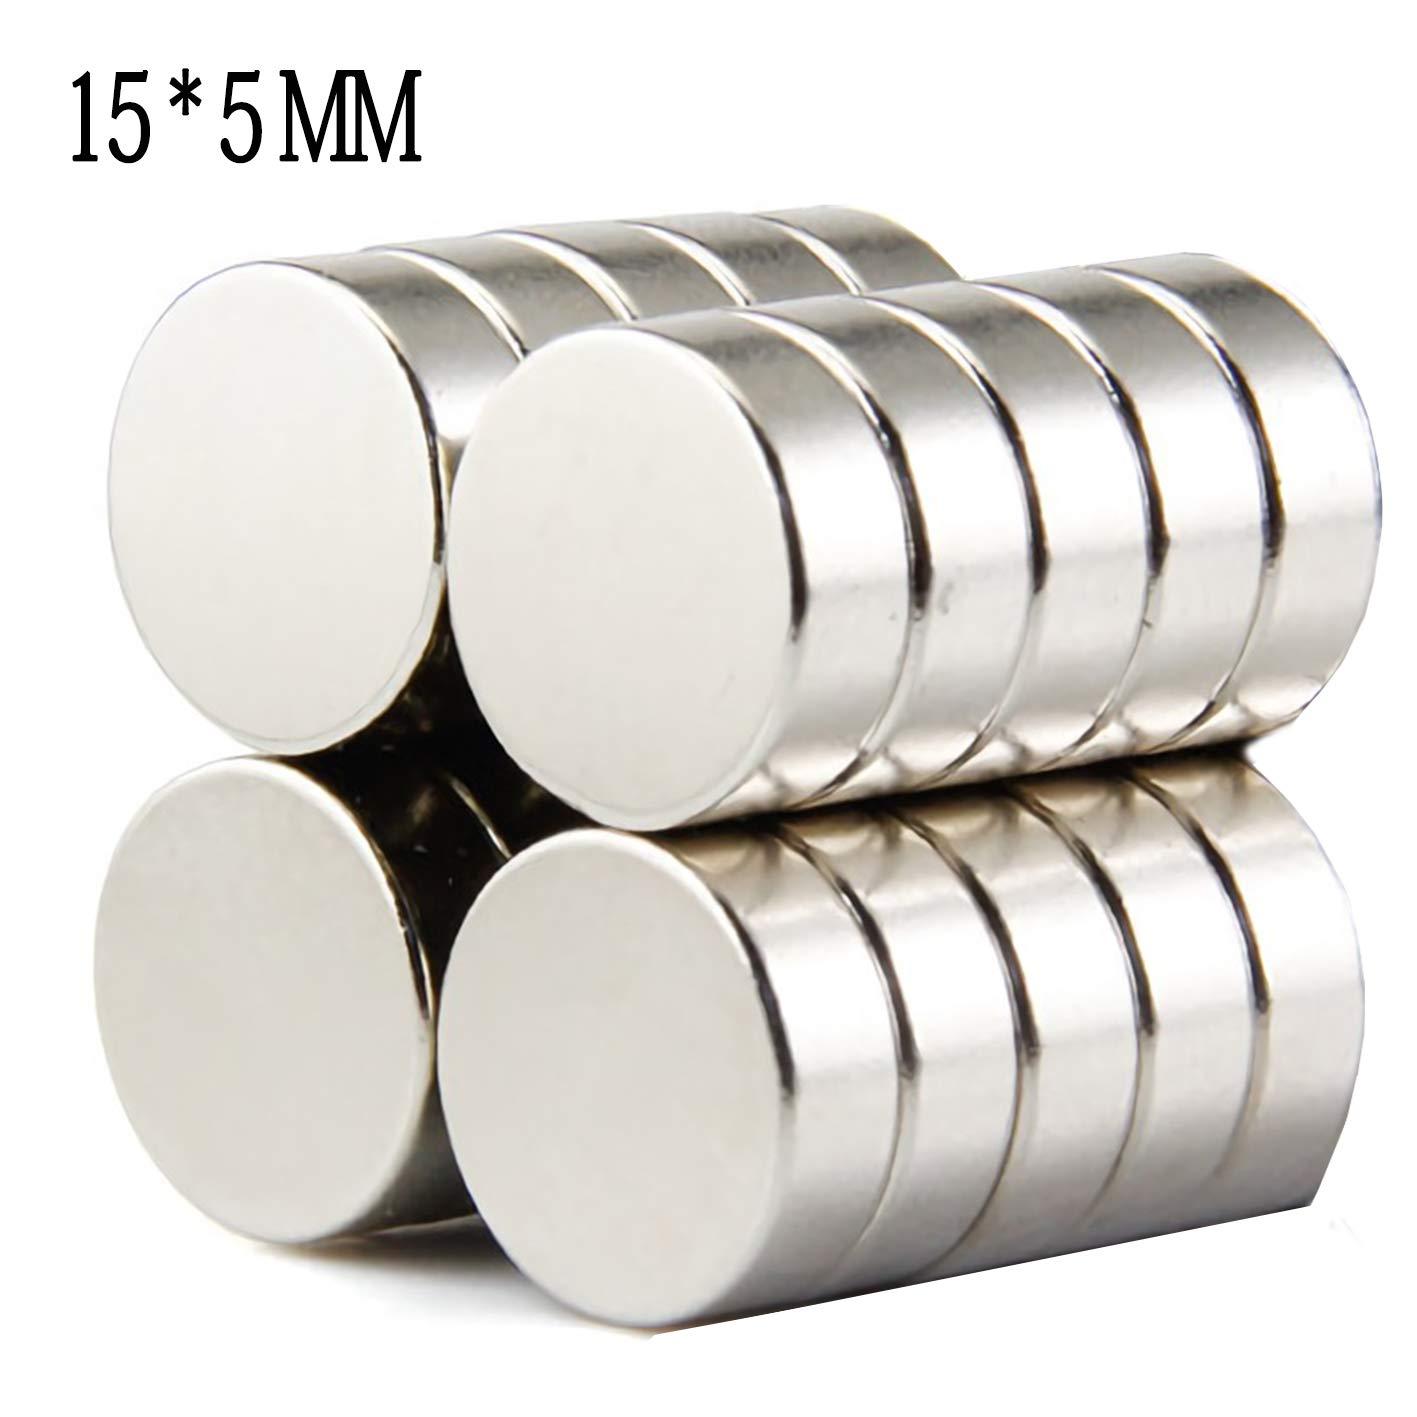 50 Stück Neodym Magnete 10x2 mm Mini Magnete Extrem Stark - Magenesis für Magnettafel, Magnetstreifen, Kühlschrank, Glas Magnetboards Kühlschrank MiCRON